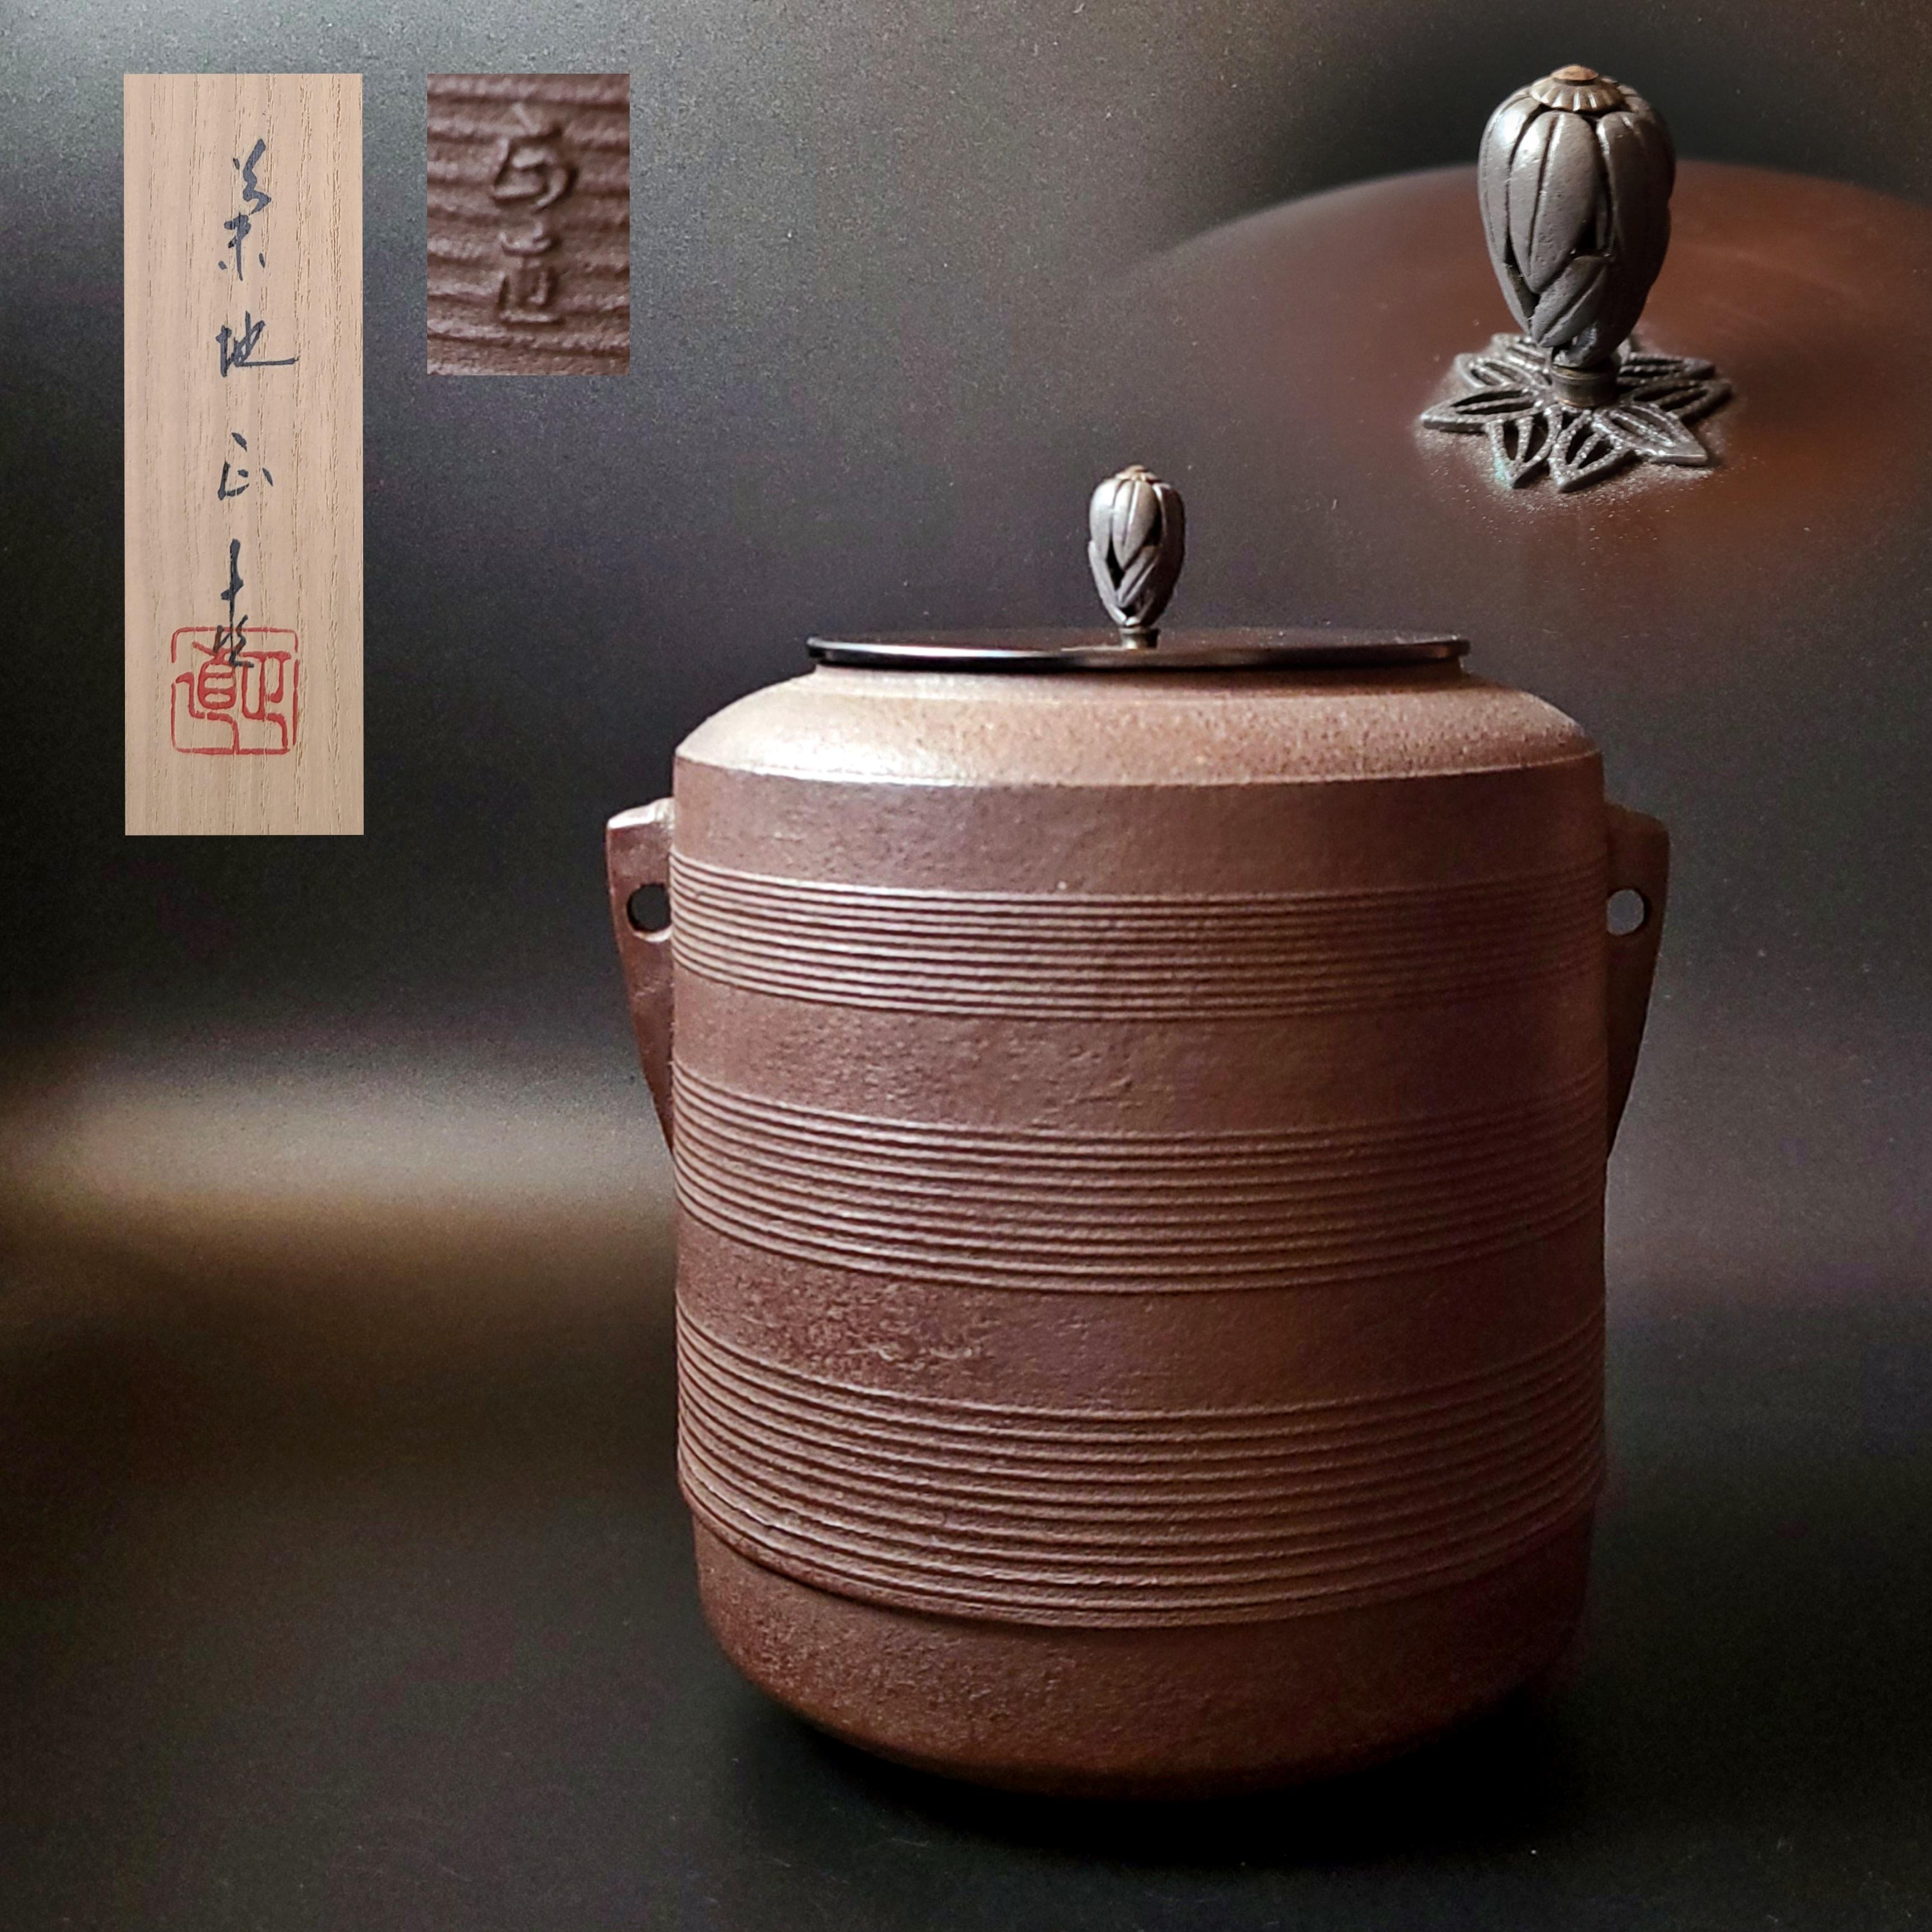 茶道具 糸目 筒釜 菊地正直 共箱 一点物 ほぼ未使用 山形 鋳物 風炉 茶会